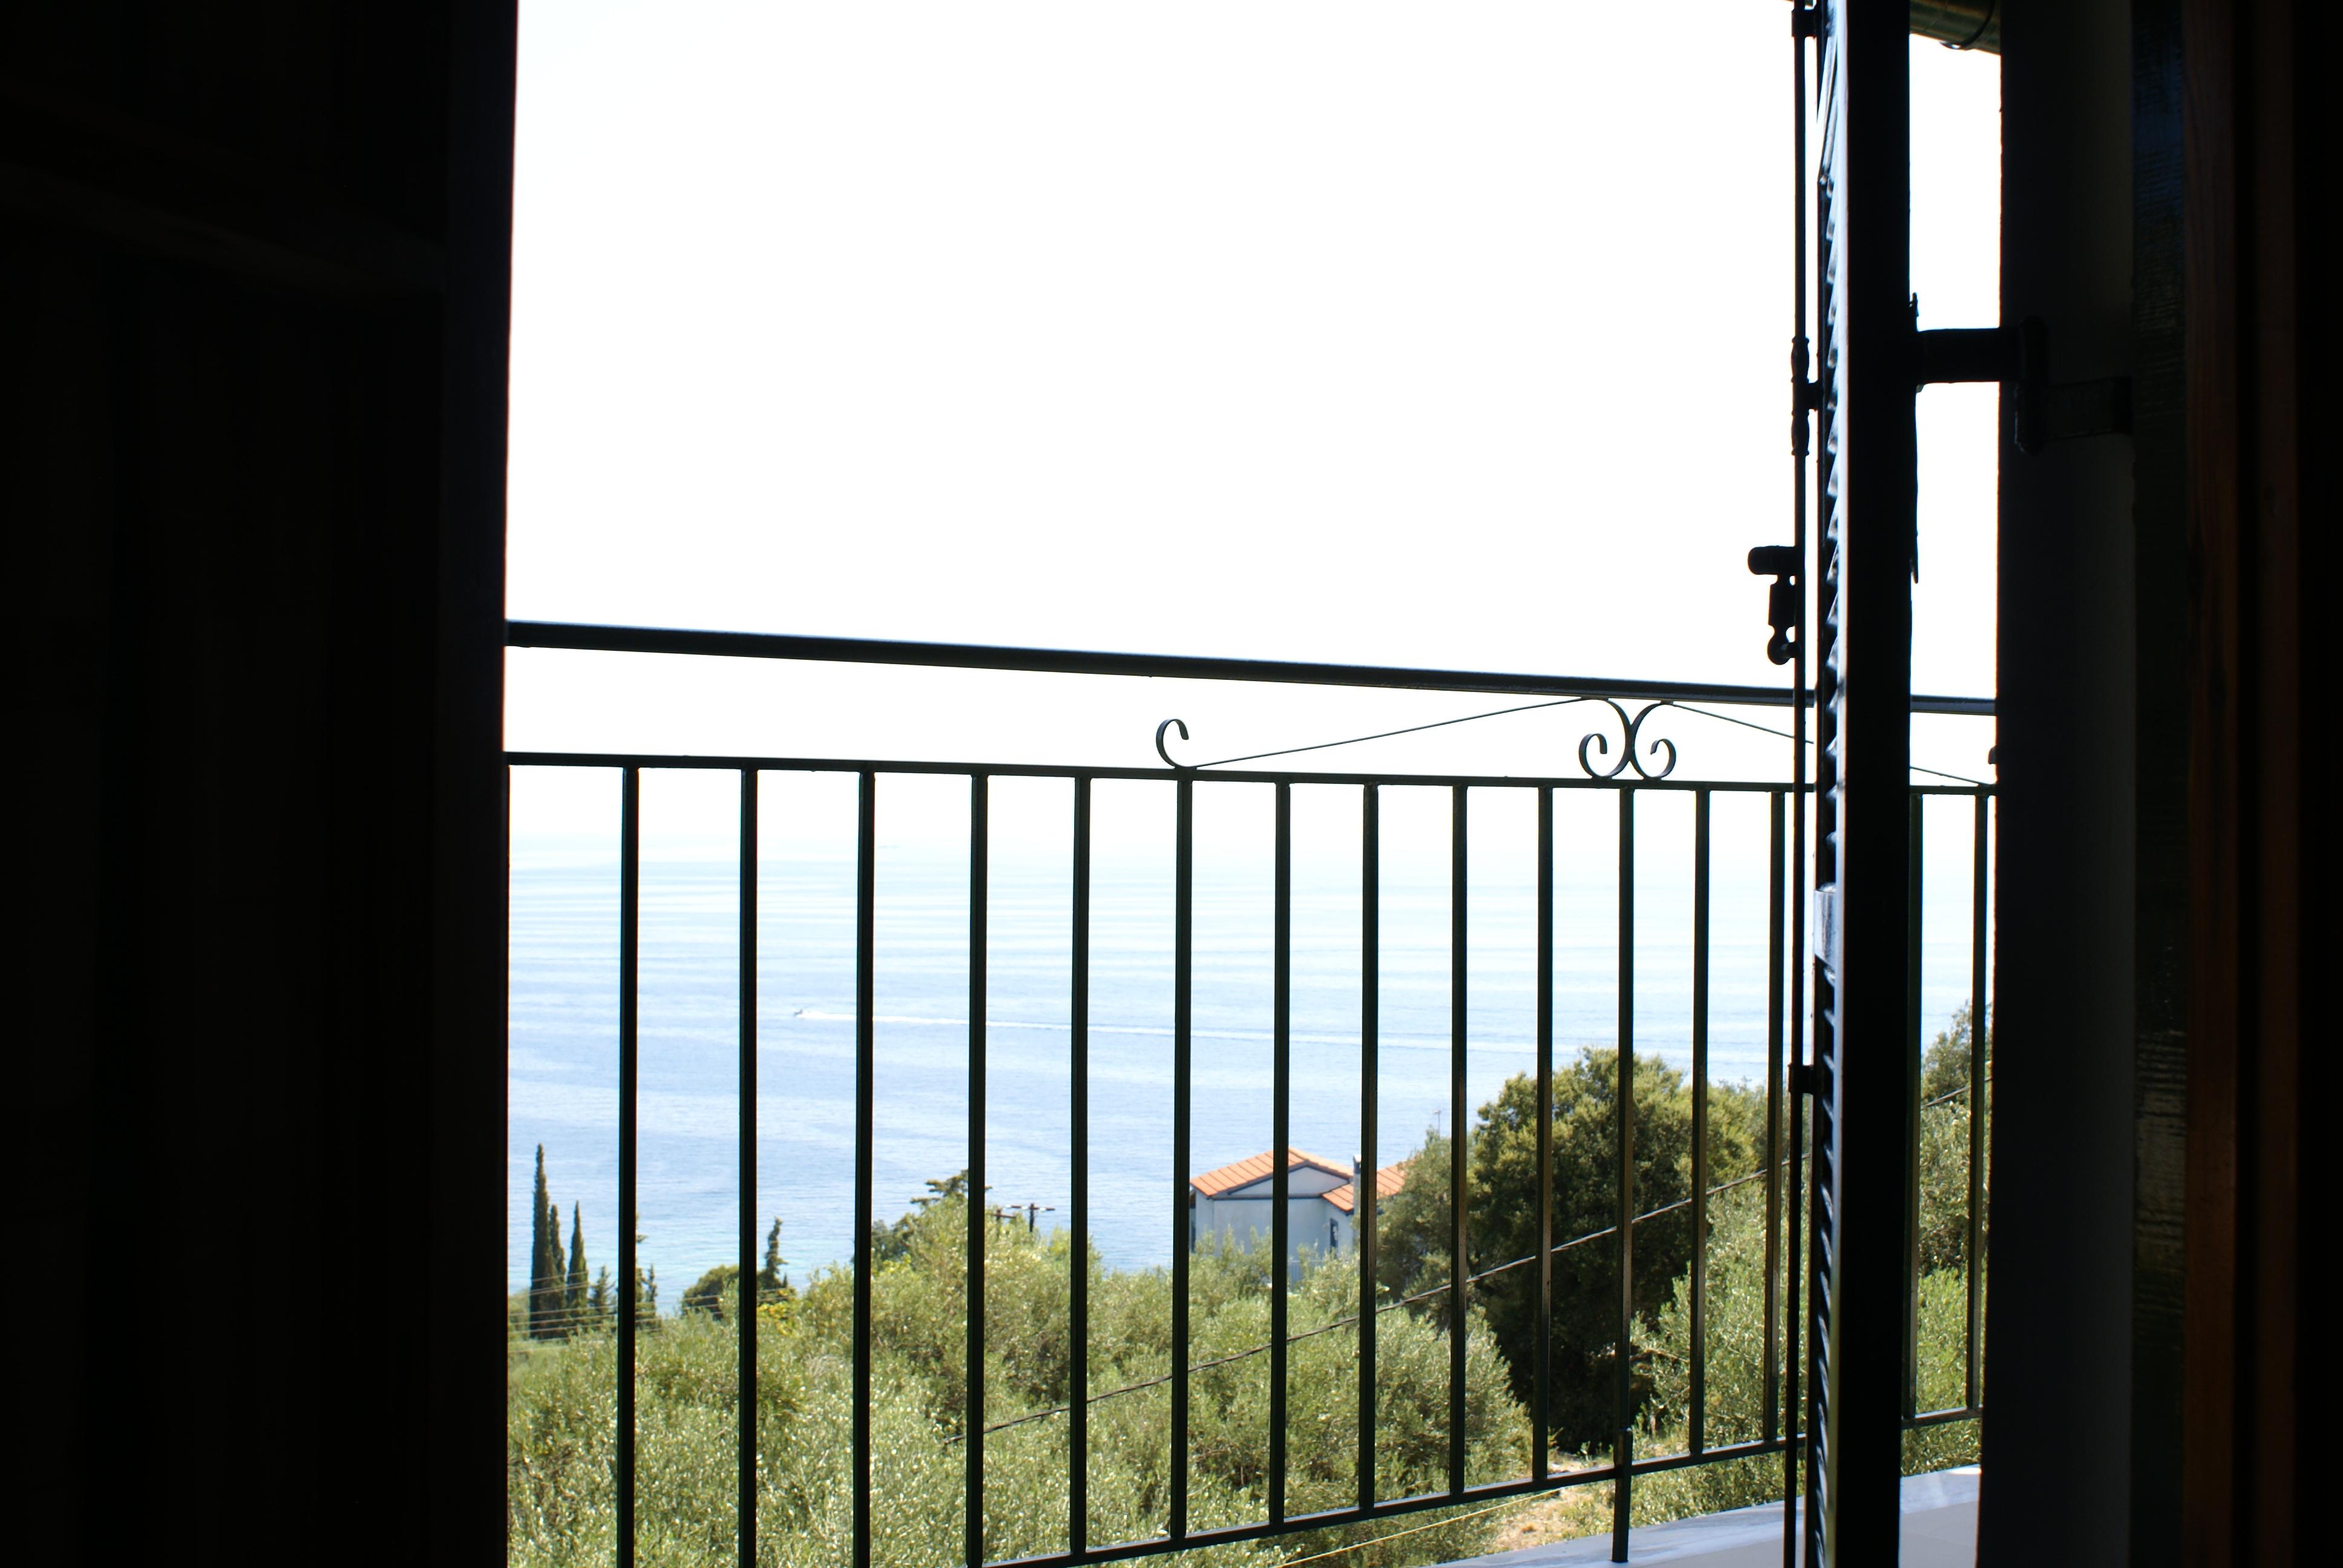 Ausblick - Balkon - Korfu Ferienhaus Villa Adonis mit Pool, Nissaki, KorfuCorfu.de